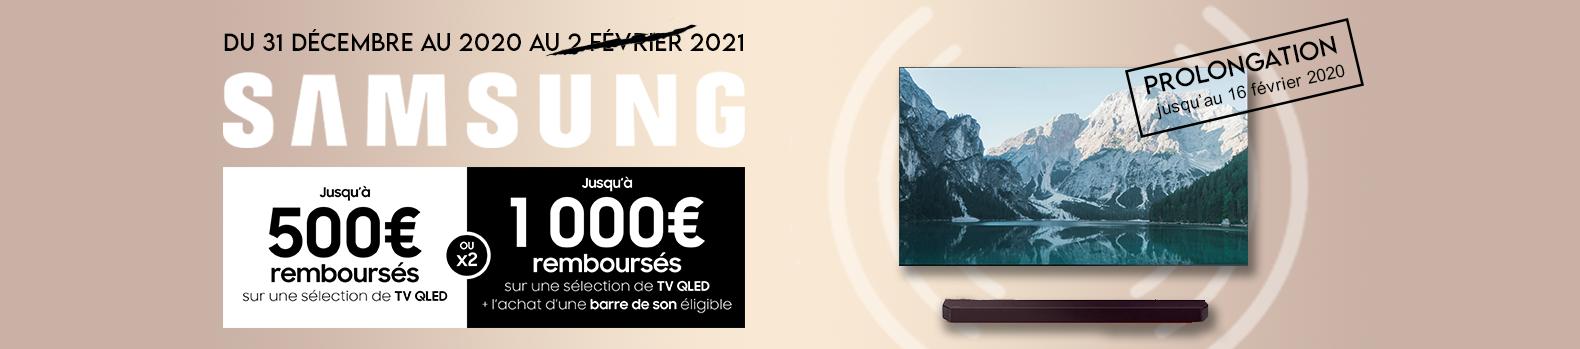 Jusqu'à 1000 € remboursés pour l'achat d'une TV QLED Samsung !